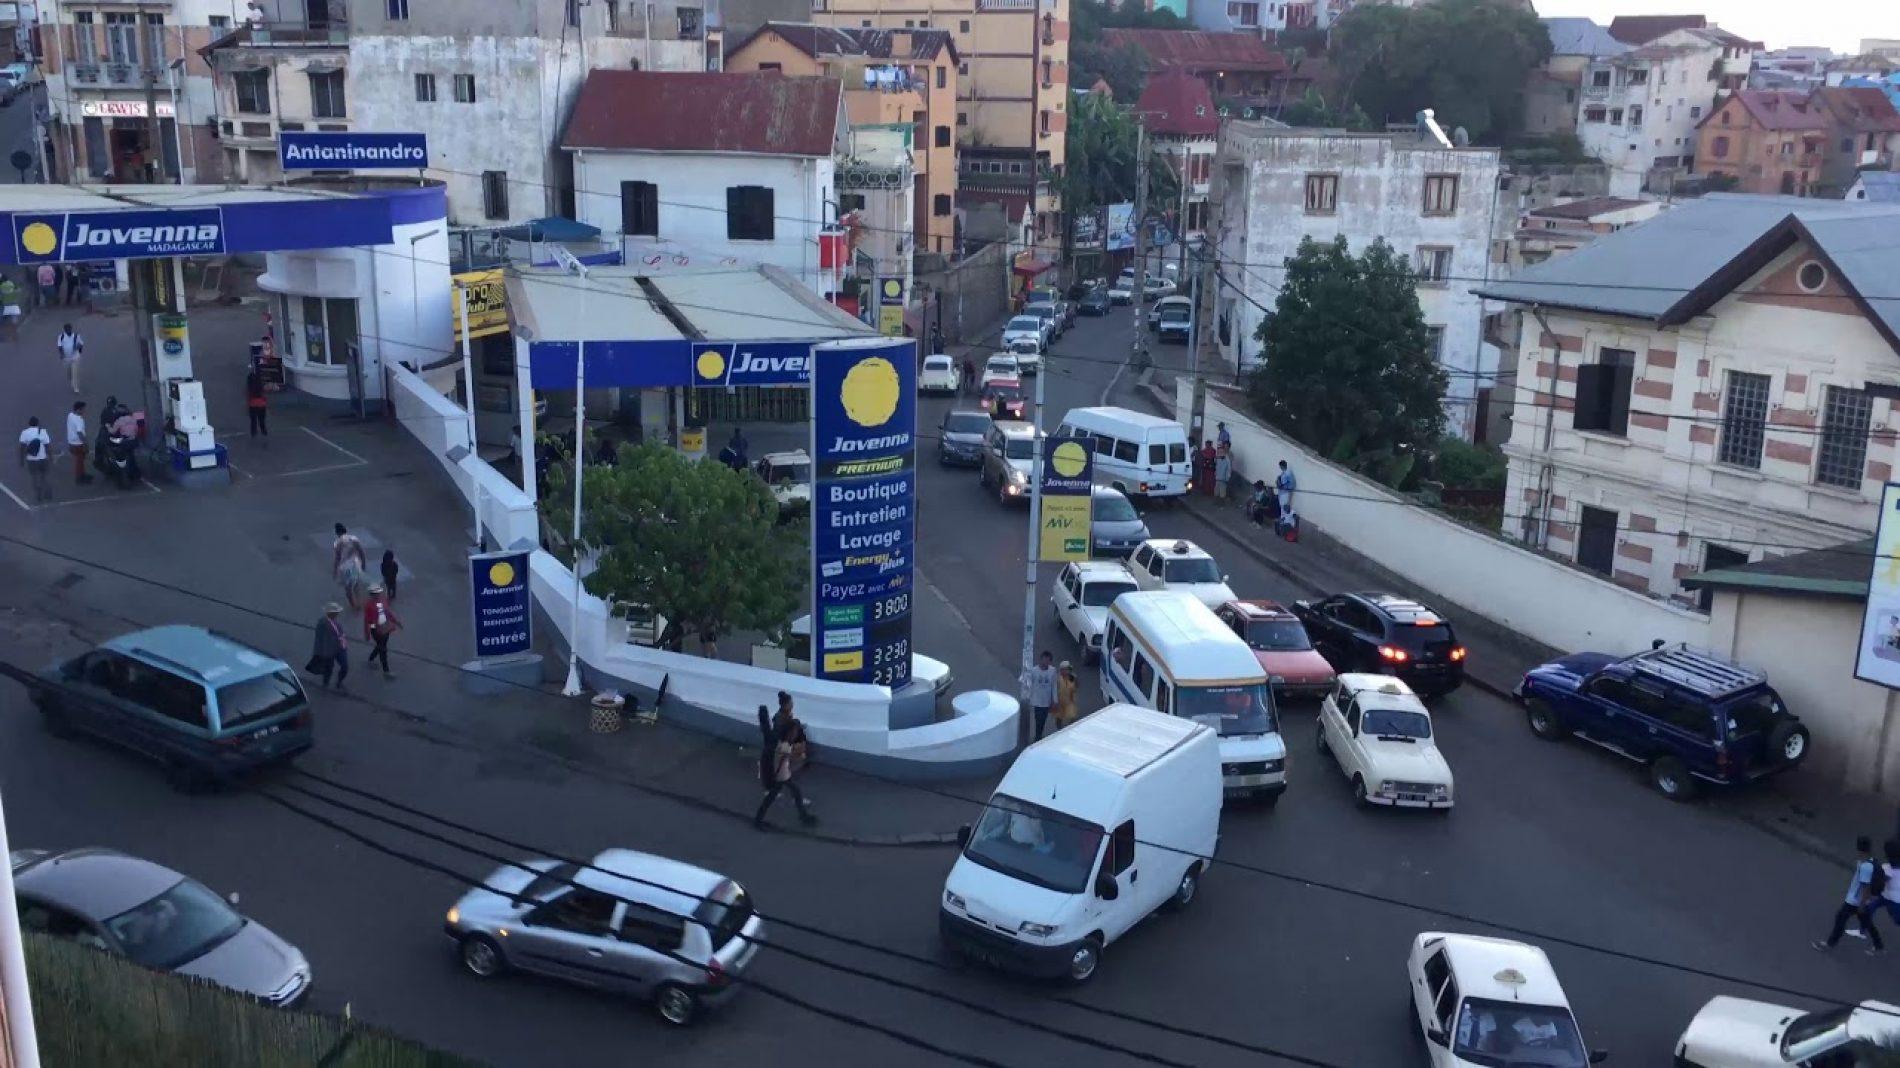 Madagascar : Interdiction de garer sur les trottoirs et les rues à double sens